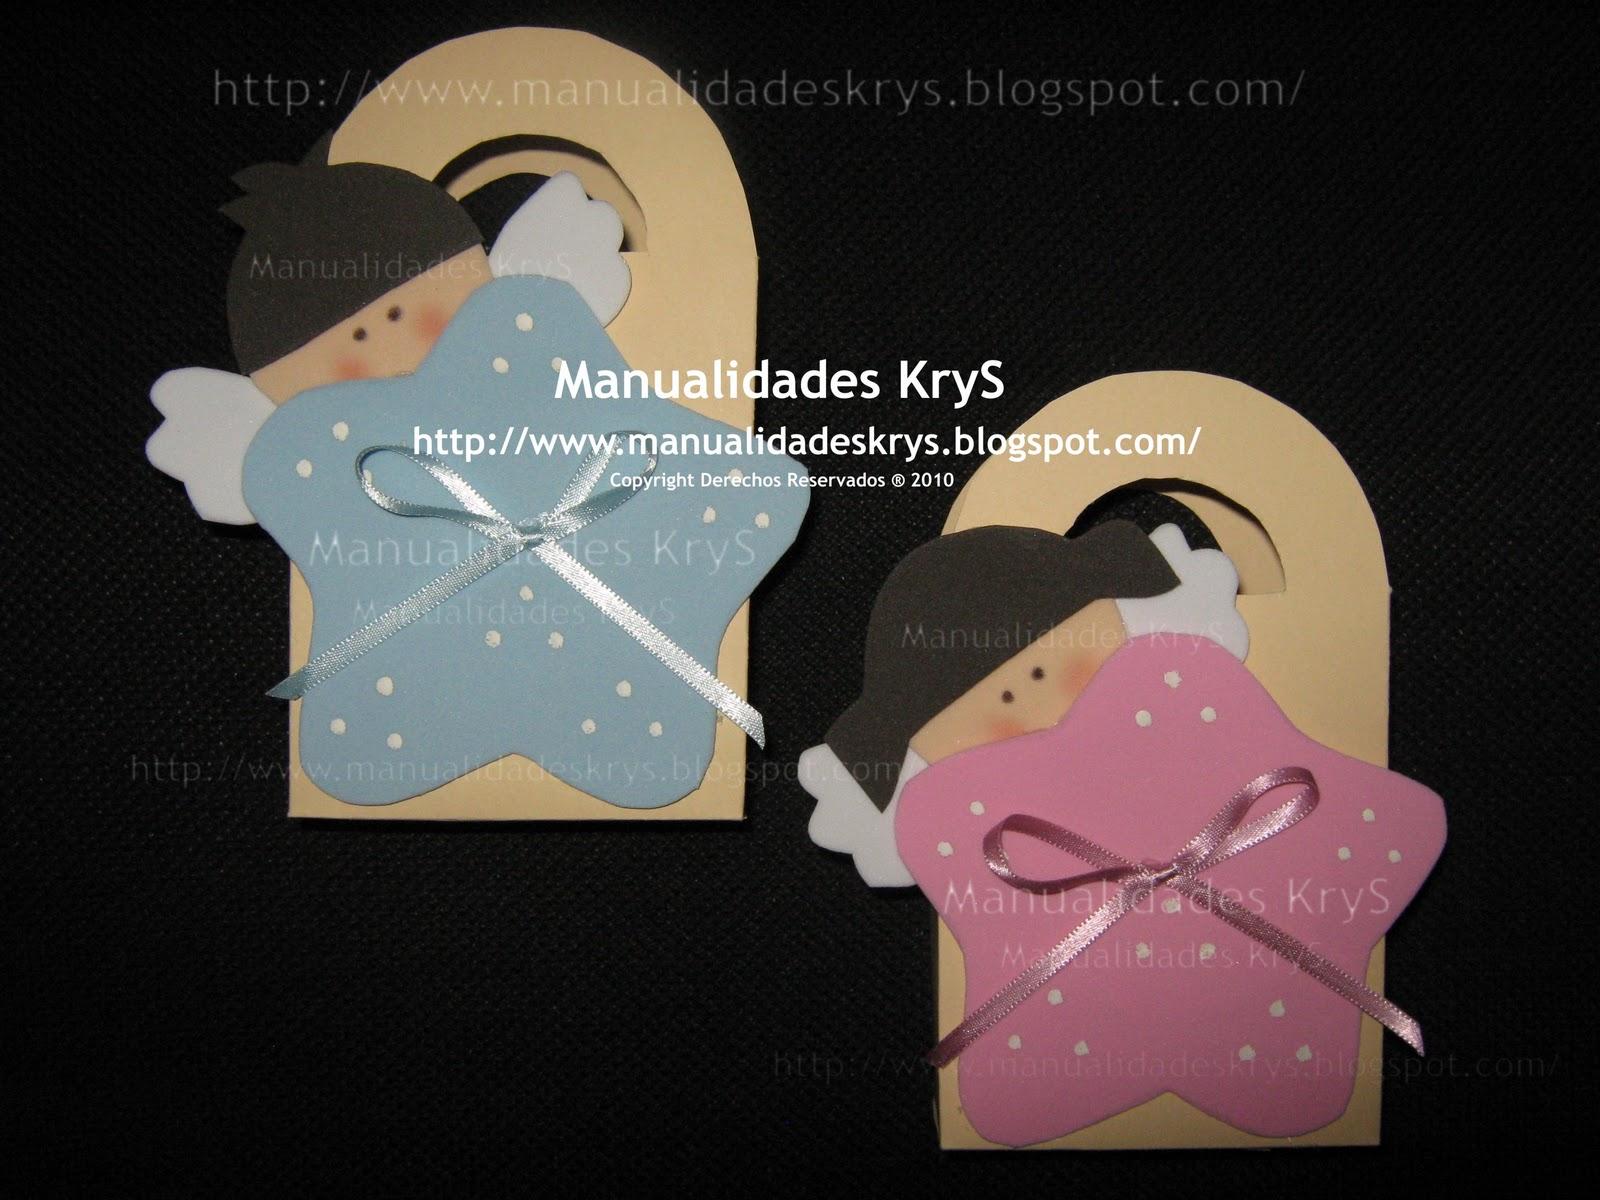 Manualidades krys baby shower y bautizo for Recuerdos para bautizo nina